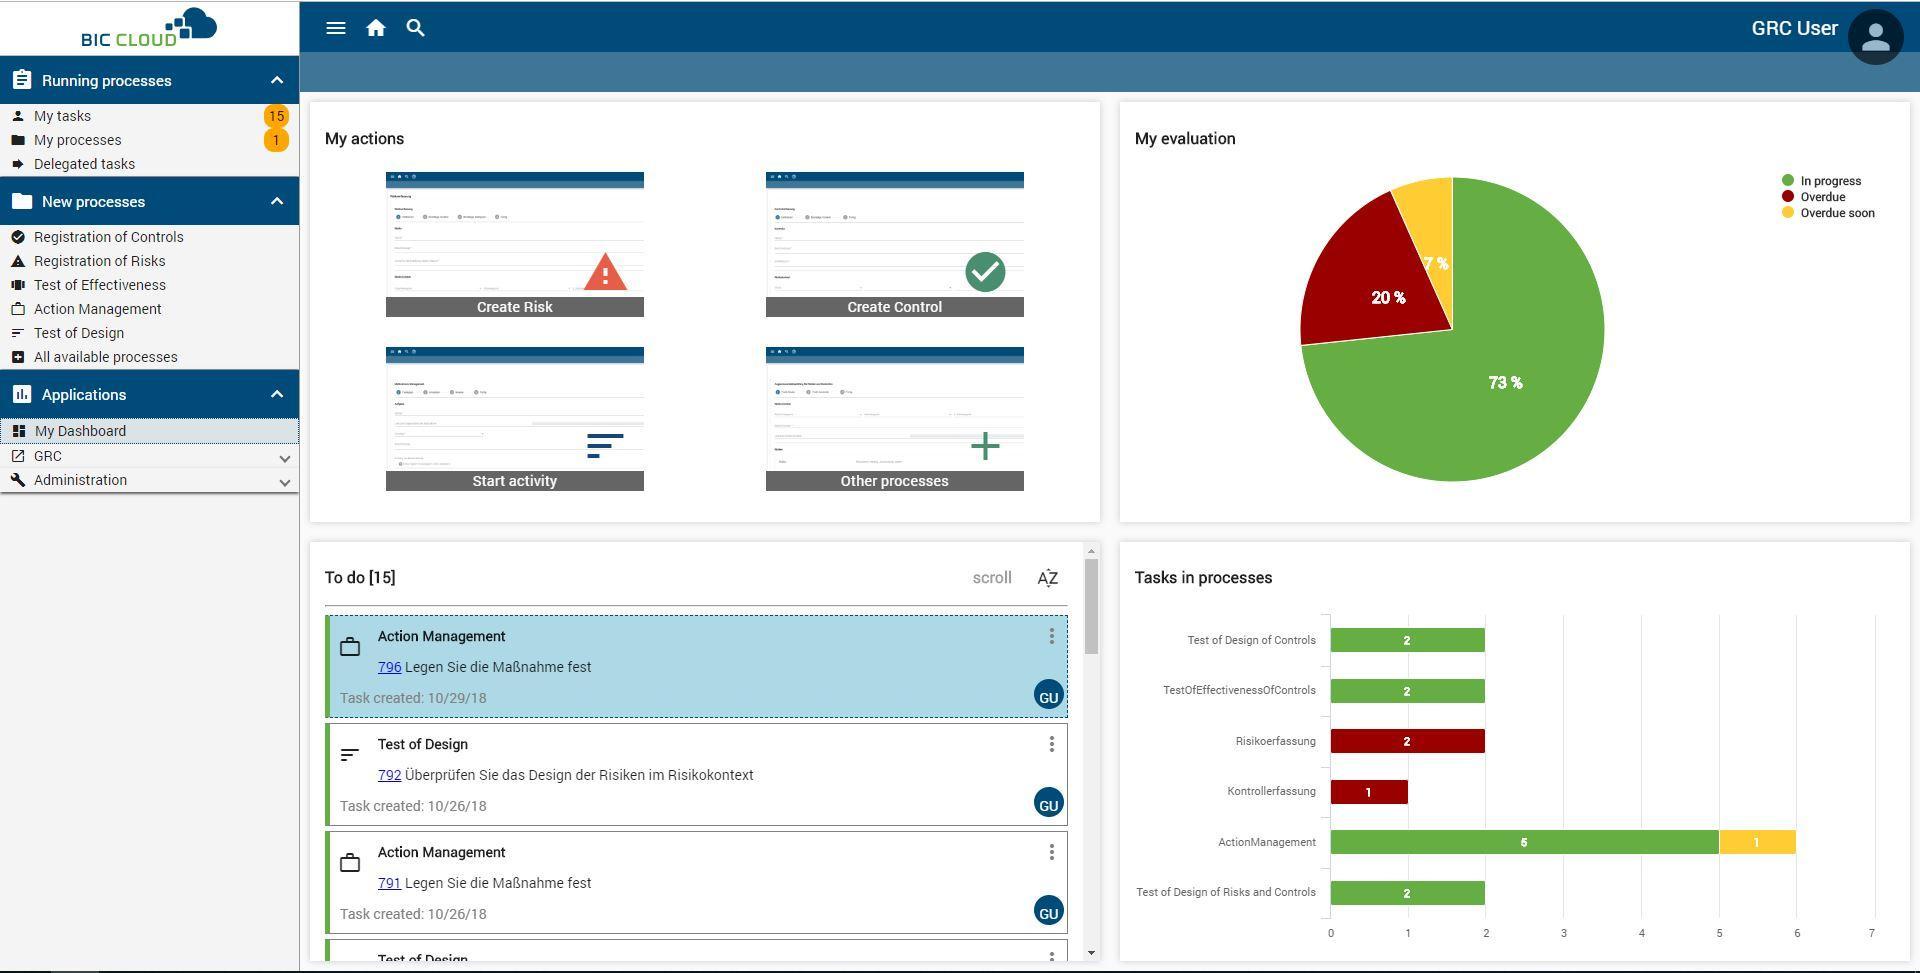 Gestión de riesgos y controles con BIC Cloud GRC